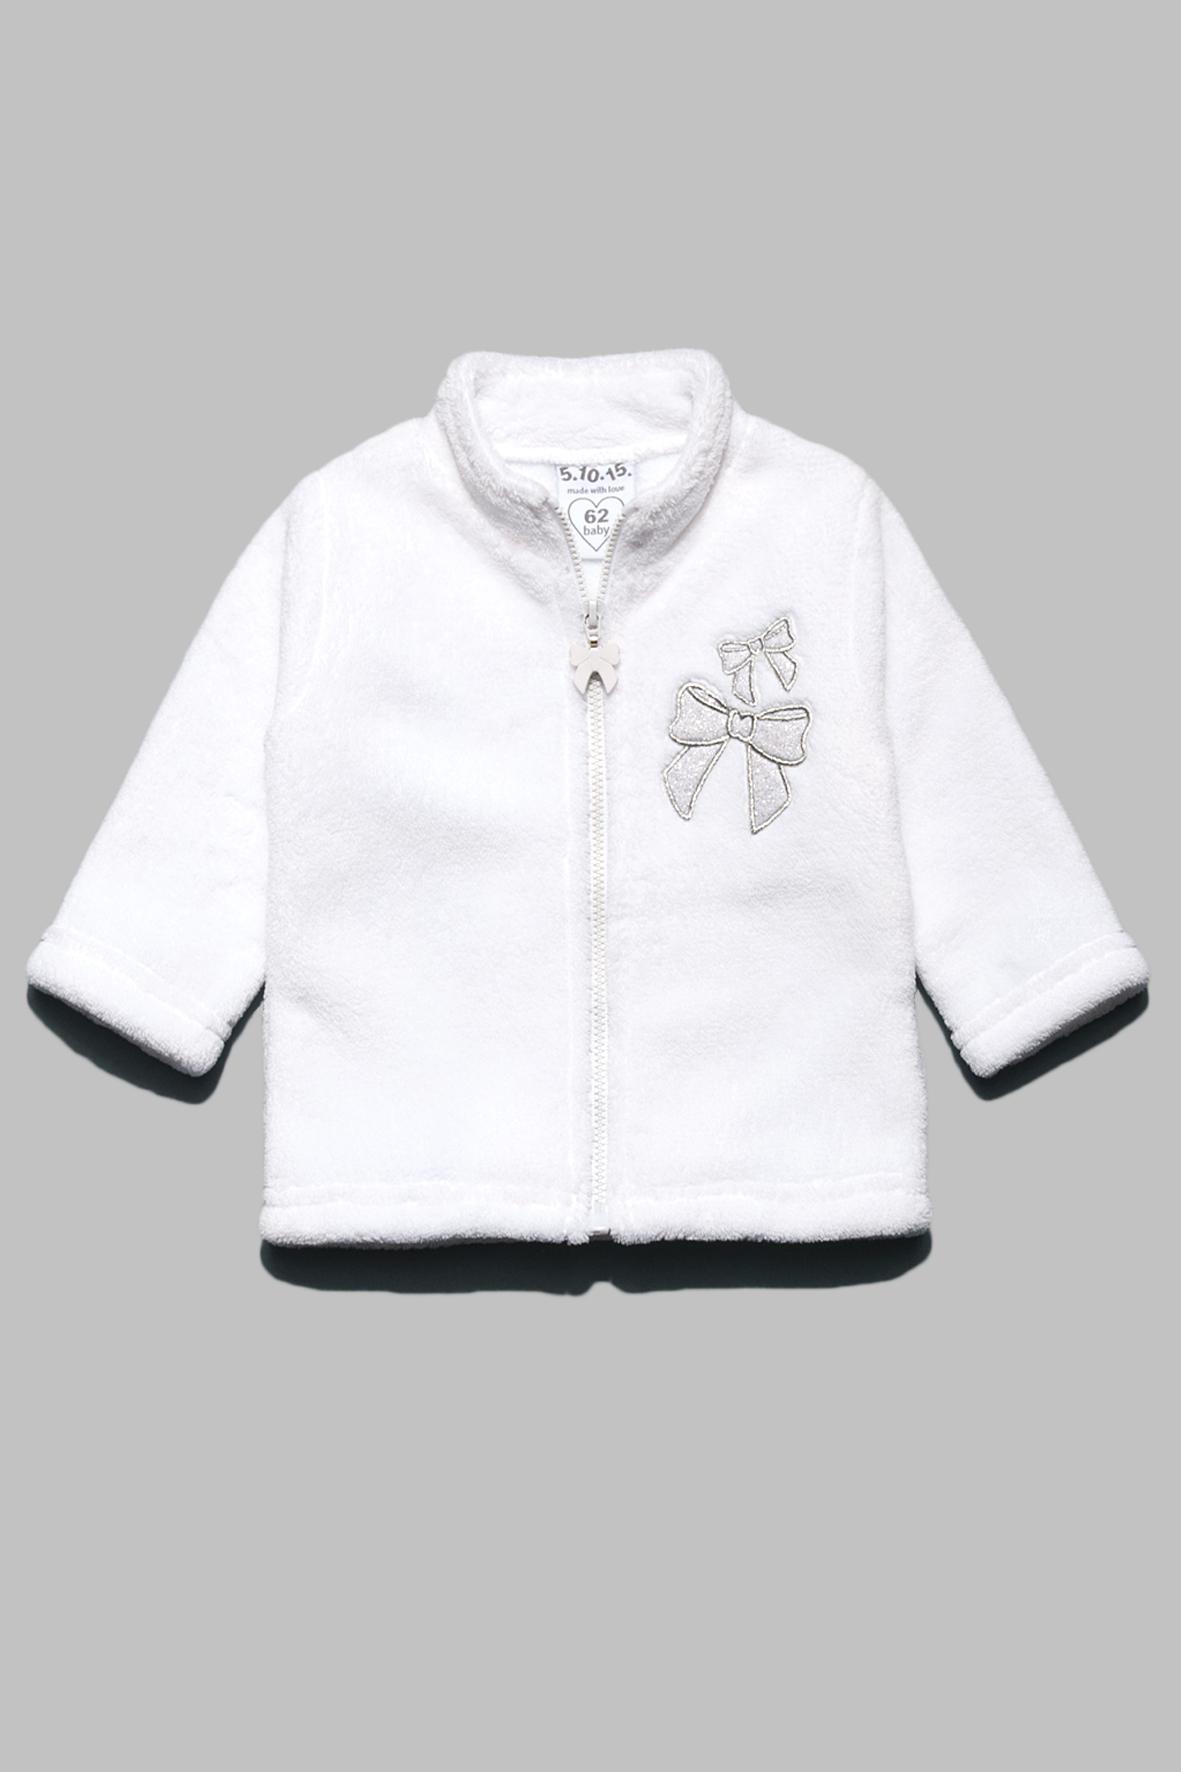 Bluza polar niemowlęca (źródło: www.51015kids.eu)